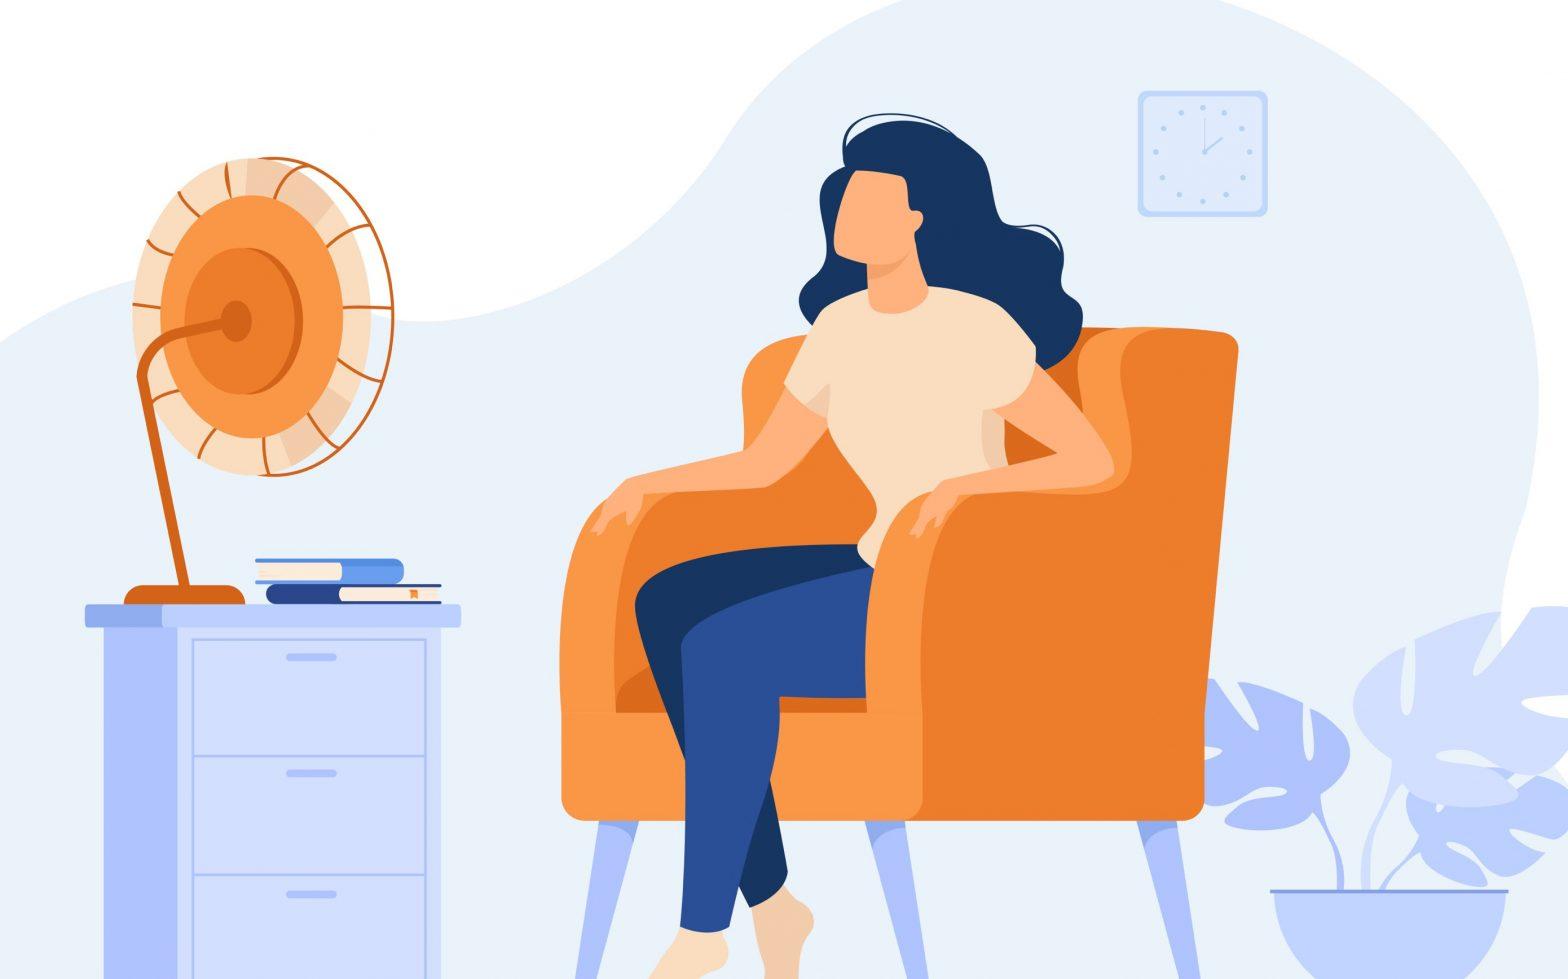 https://www.hopen.fr/blog/chaleurs-estivales-comment-bien-proteger-votre-maison-du-soleil/